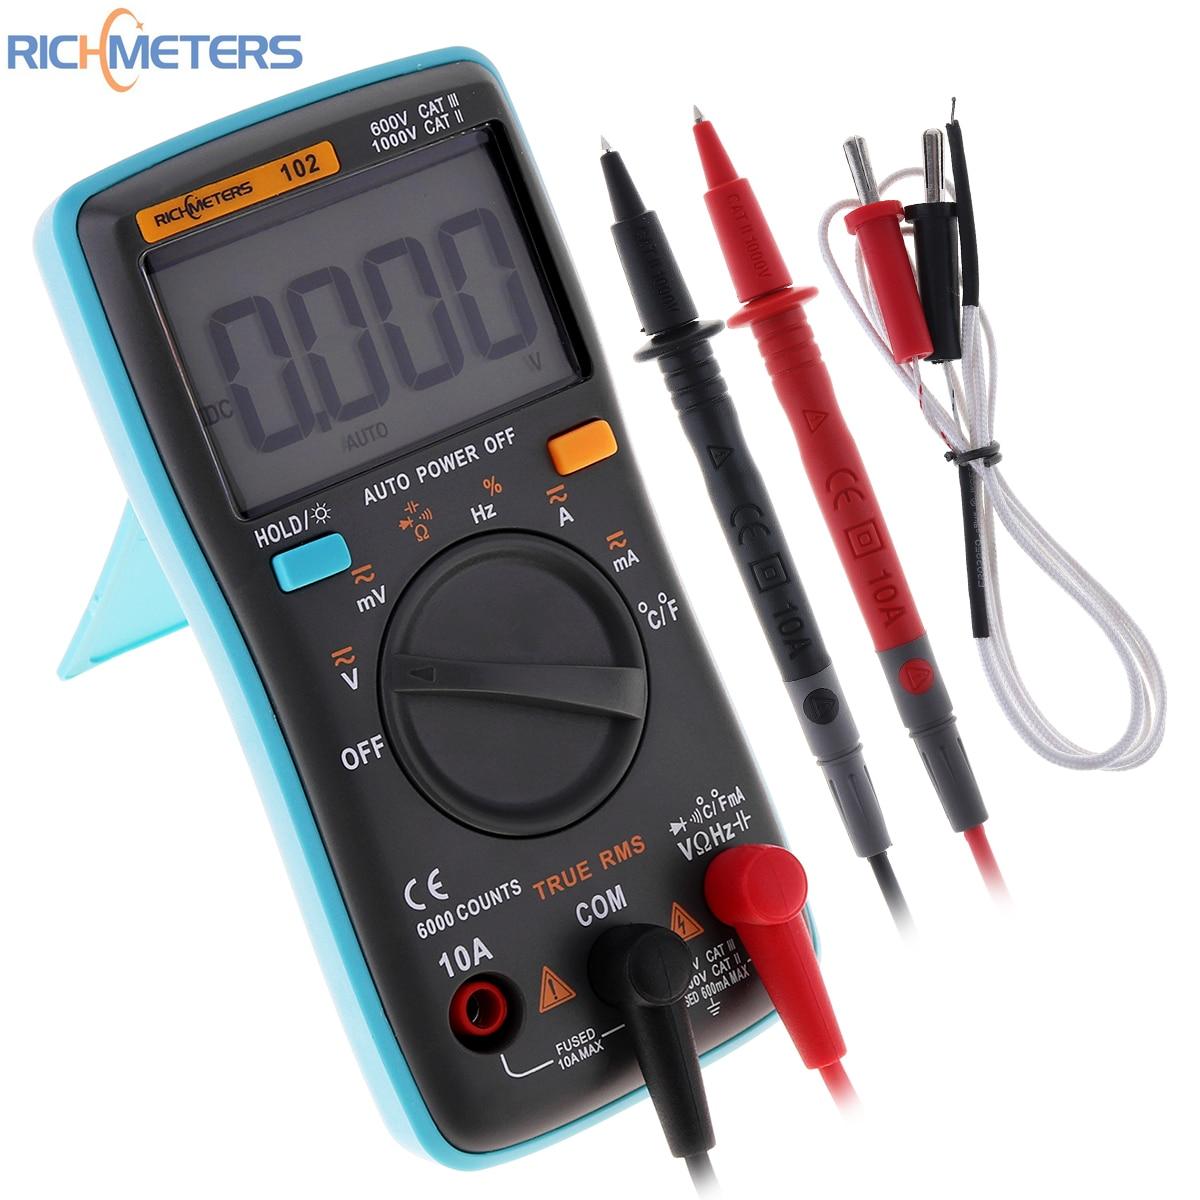 RICHMETERS RM102 Multimètre AC/DC Ampèremètre 6000 Compte Voltmètre Ohm Fréquence Diode avec La Température Fonction de Test